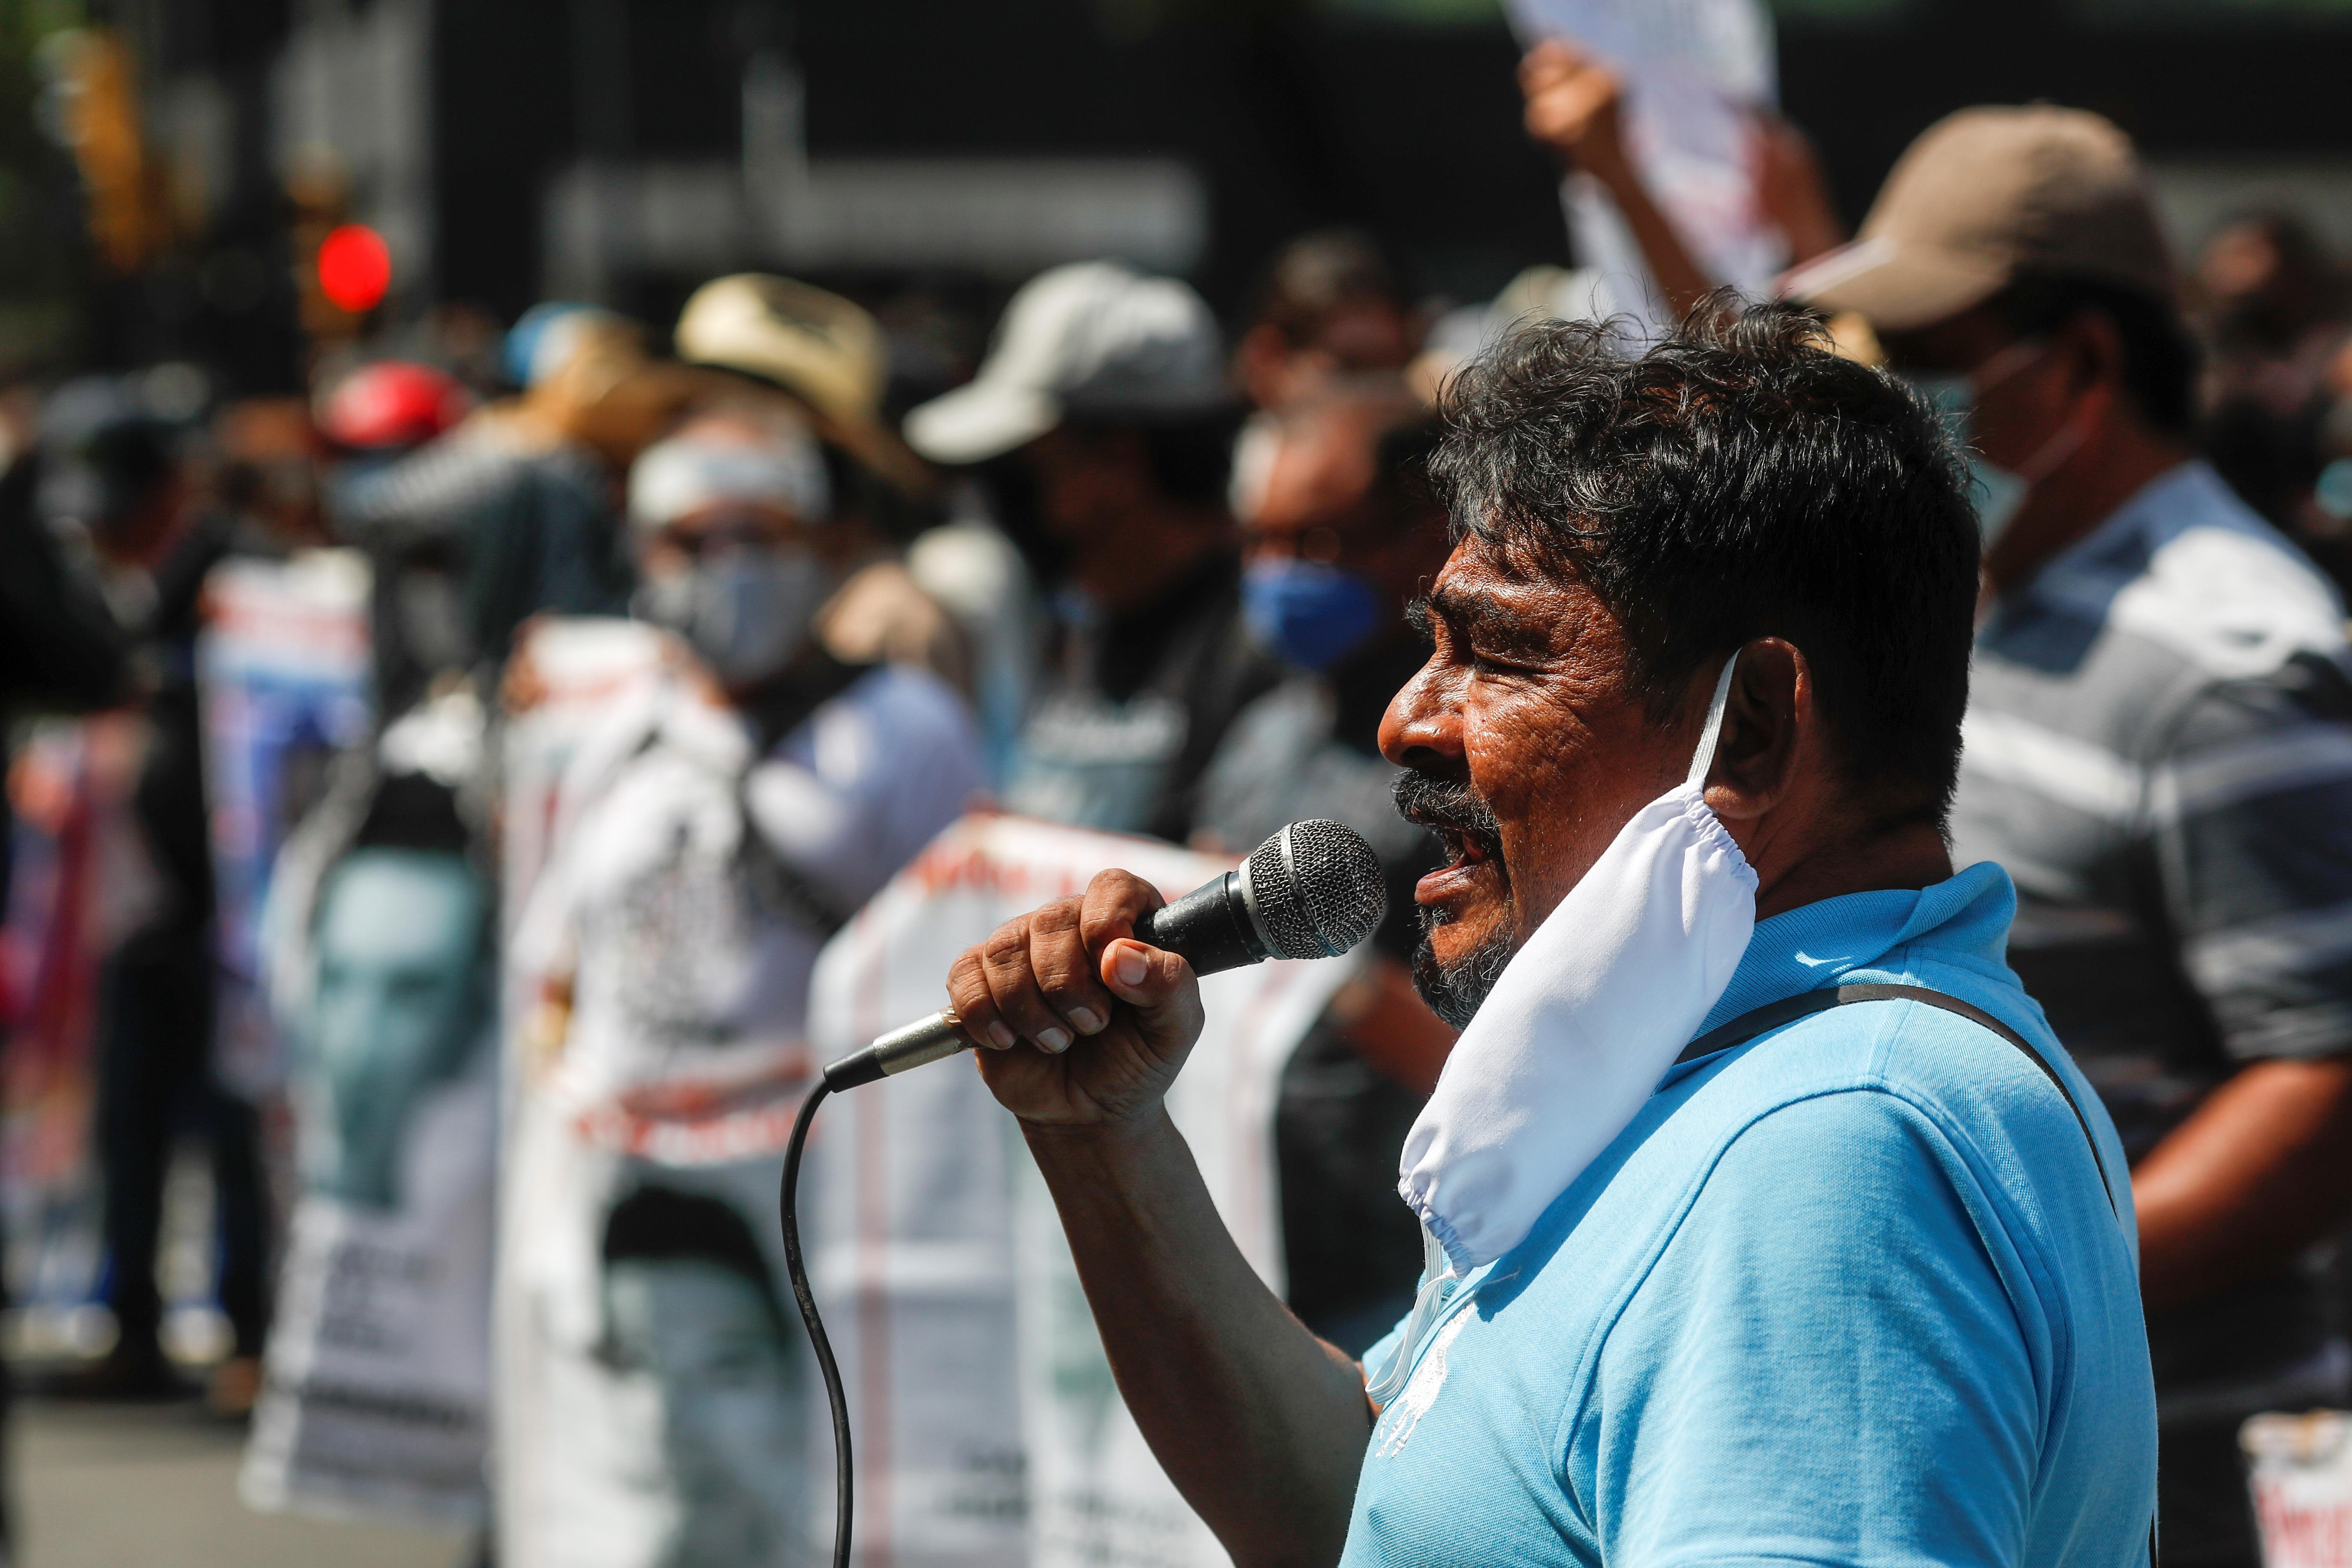 Felipe de la Cruz, portavoz de los padres de estudiantes desaparecidos, habla durante una protesta frente a la Corte Suprema de Justicia, antes del sexto aniversario de la desaparición de 43 estudiantes de la Escuela Normal Rural de Ayotzinapa, en la Ciudad de México, México 23 de septiembre de 2020.